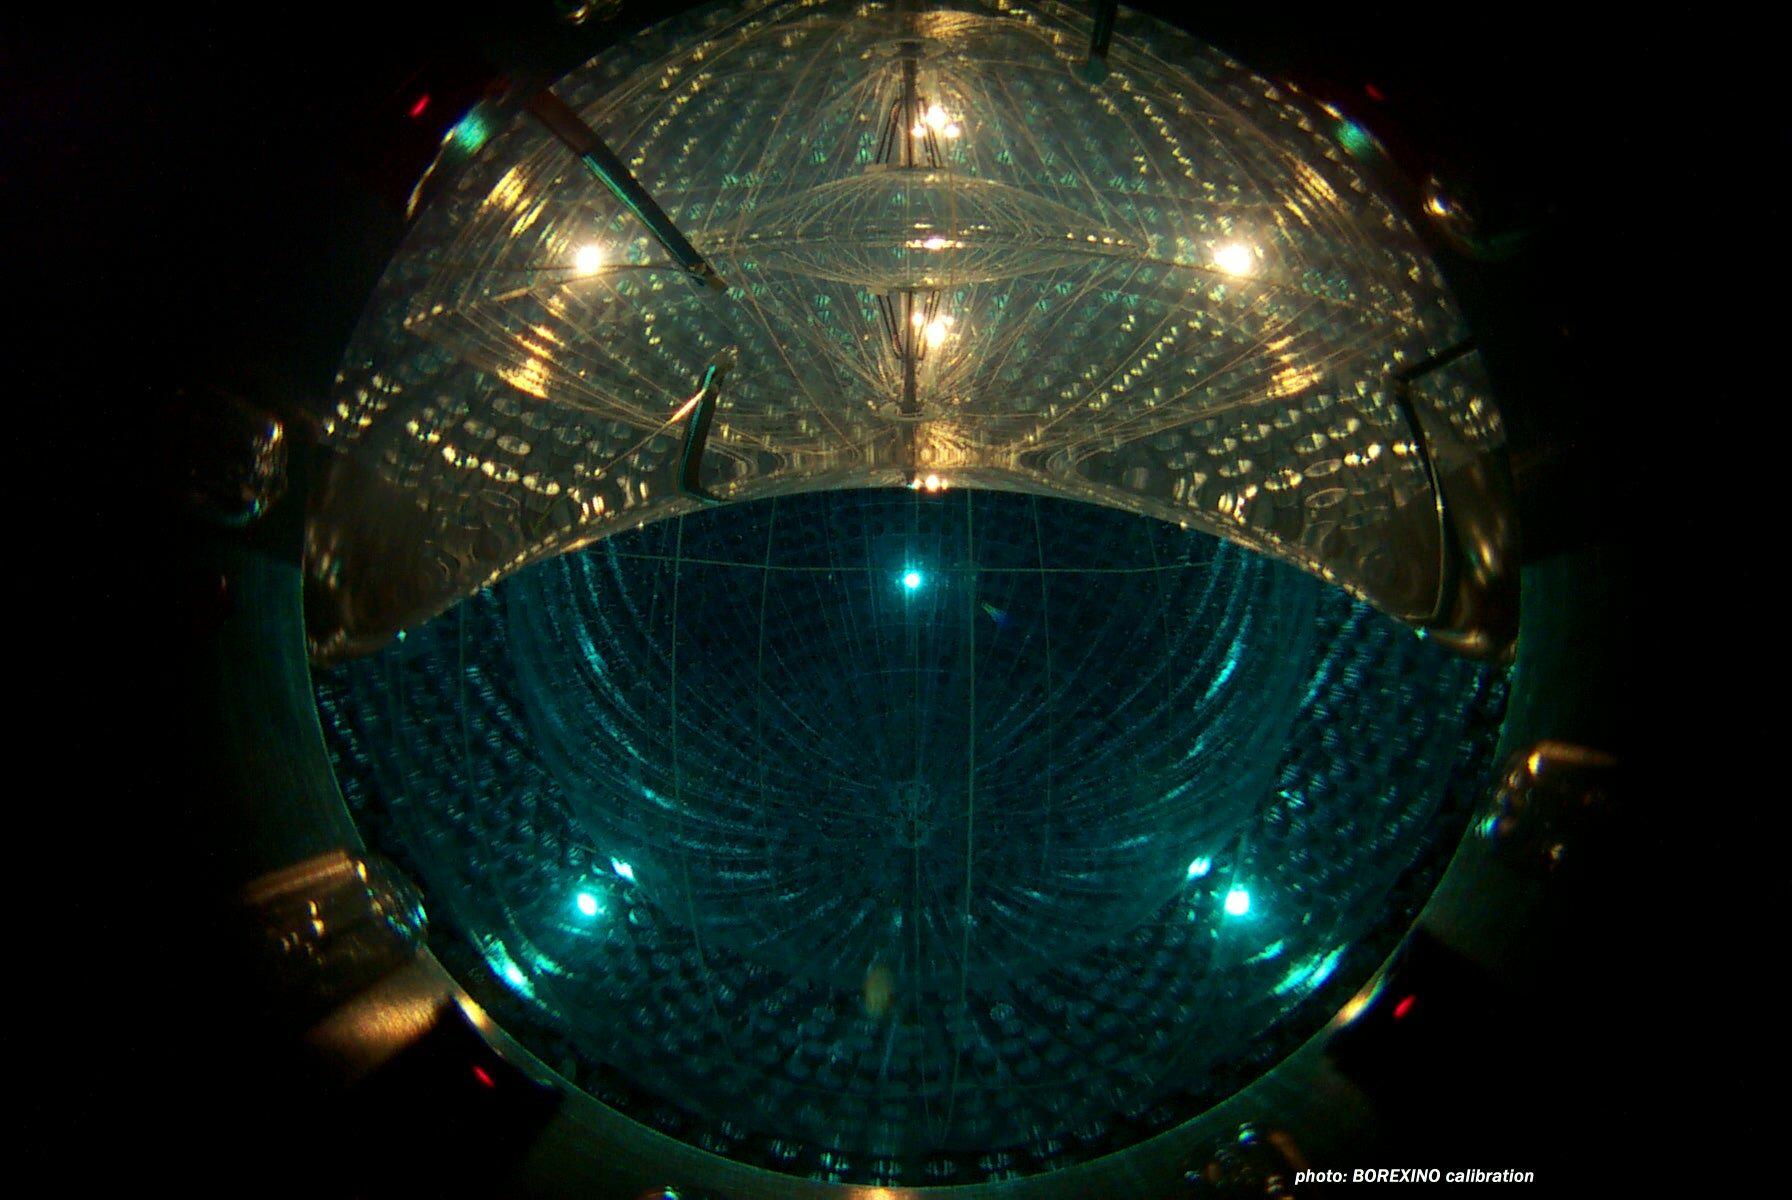 Сверхновые нейтрино. Как они рождаются, как мы их ждем, и почему это интересно - 17